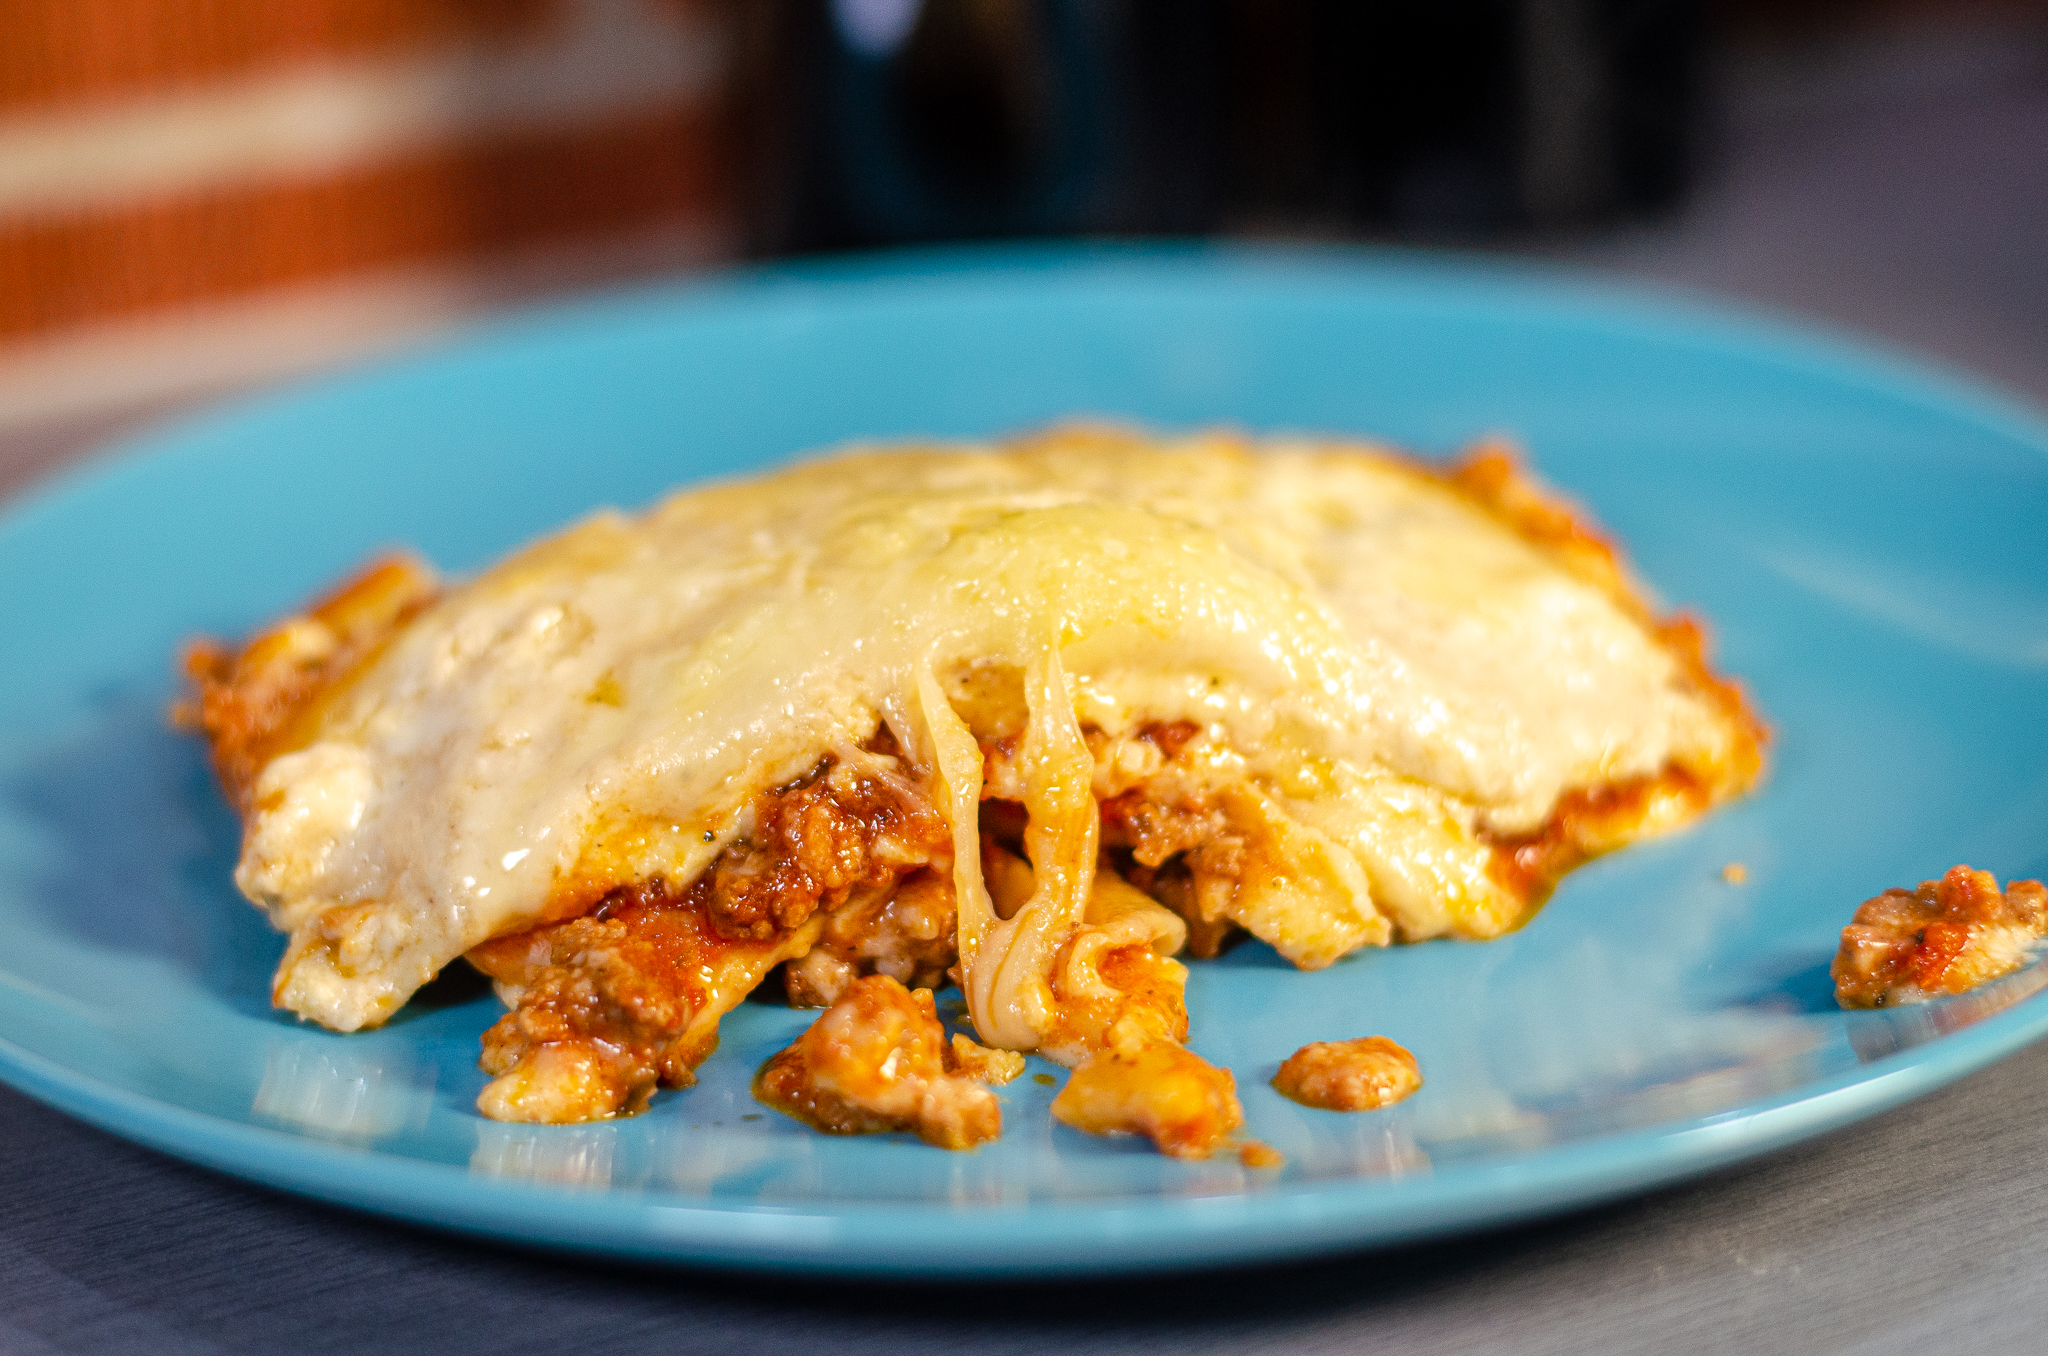 Lasagna from Little Foot Foods in Windsor, Ontario.